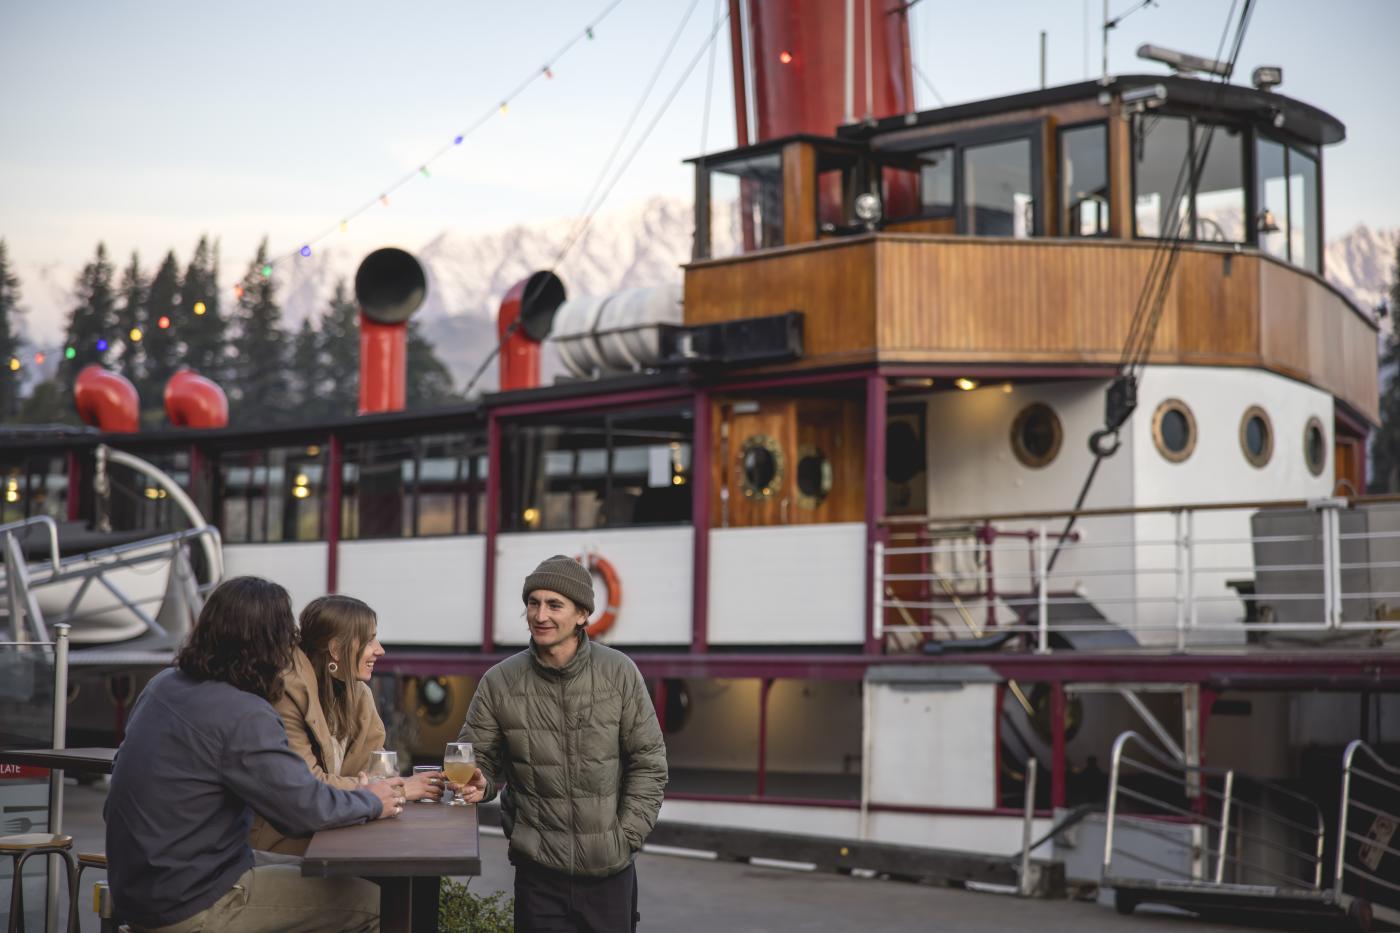 Apres Ski Public Kitchen and Bar